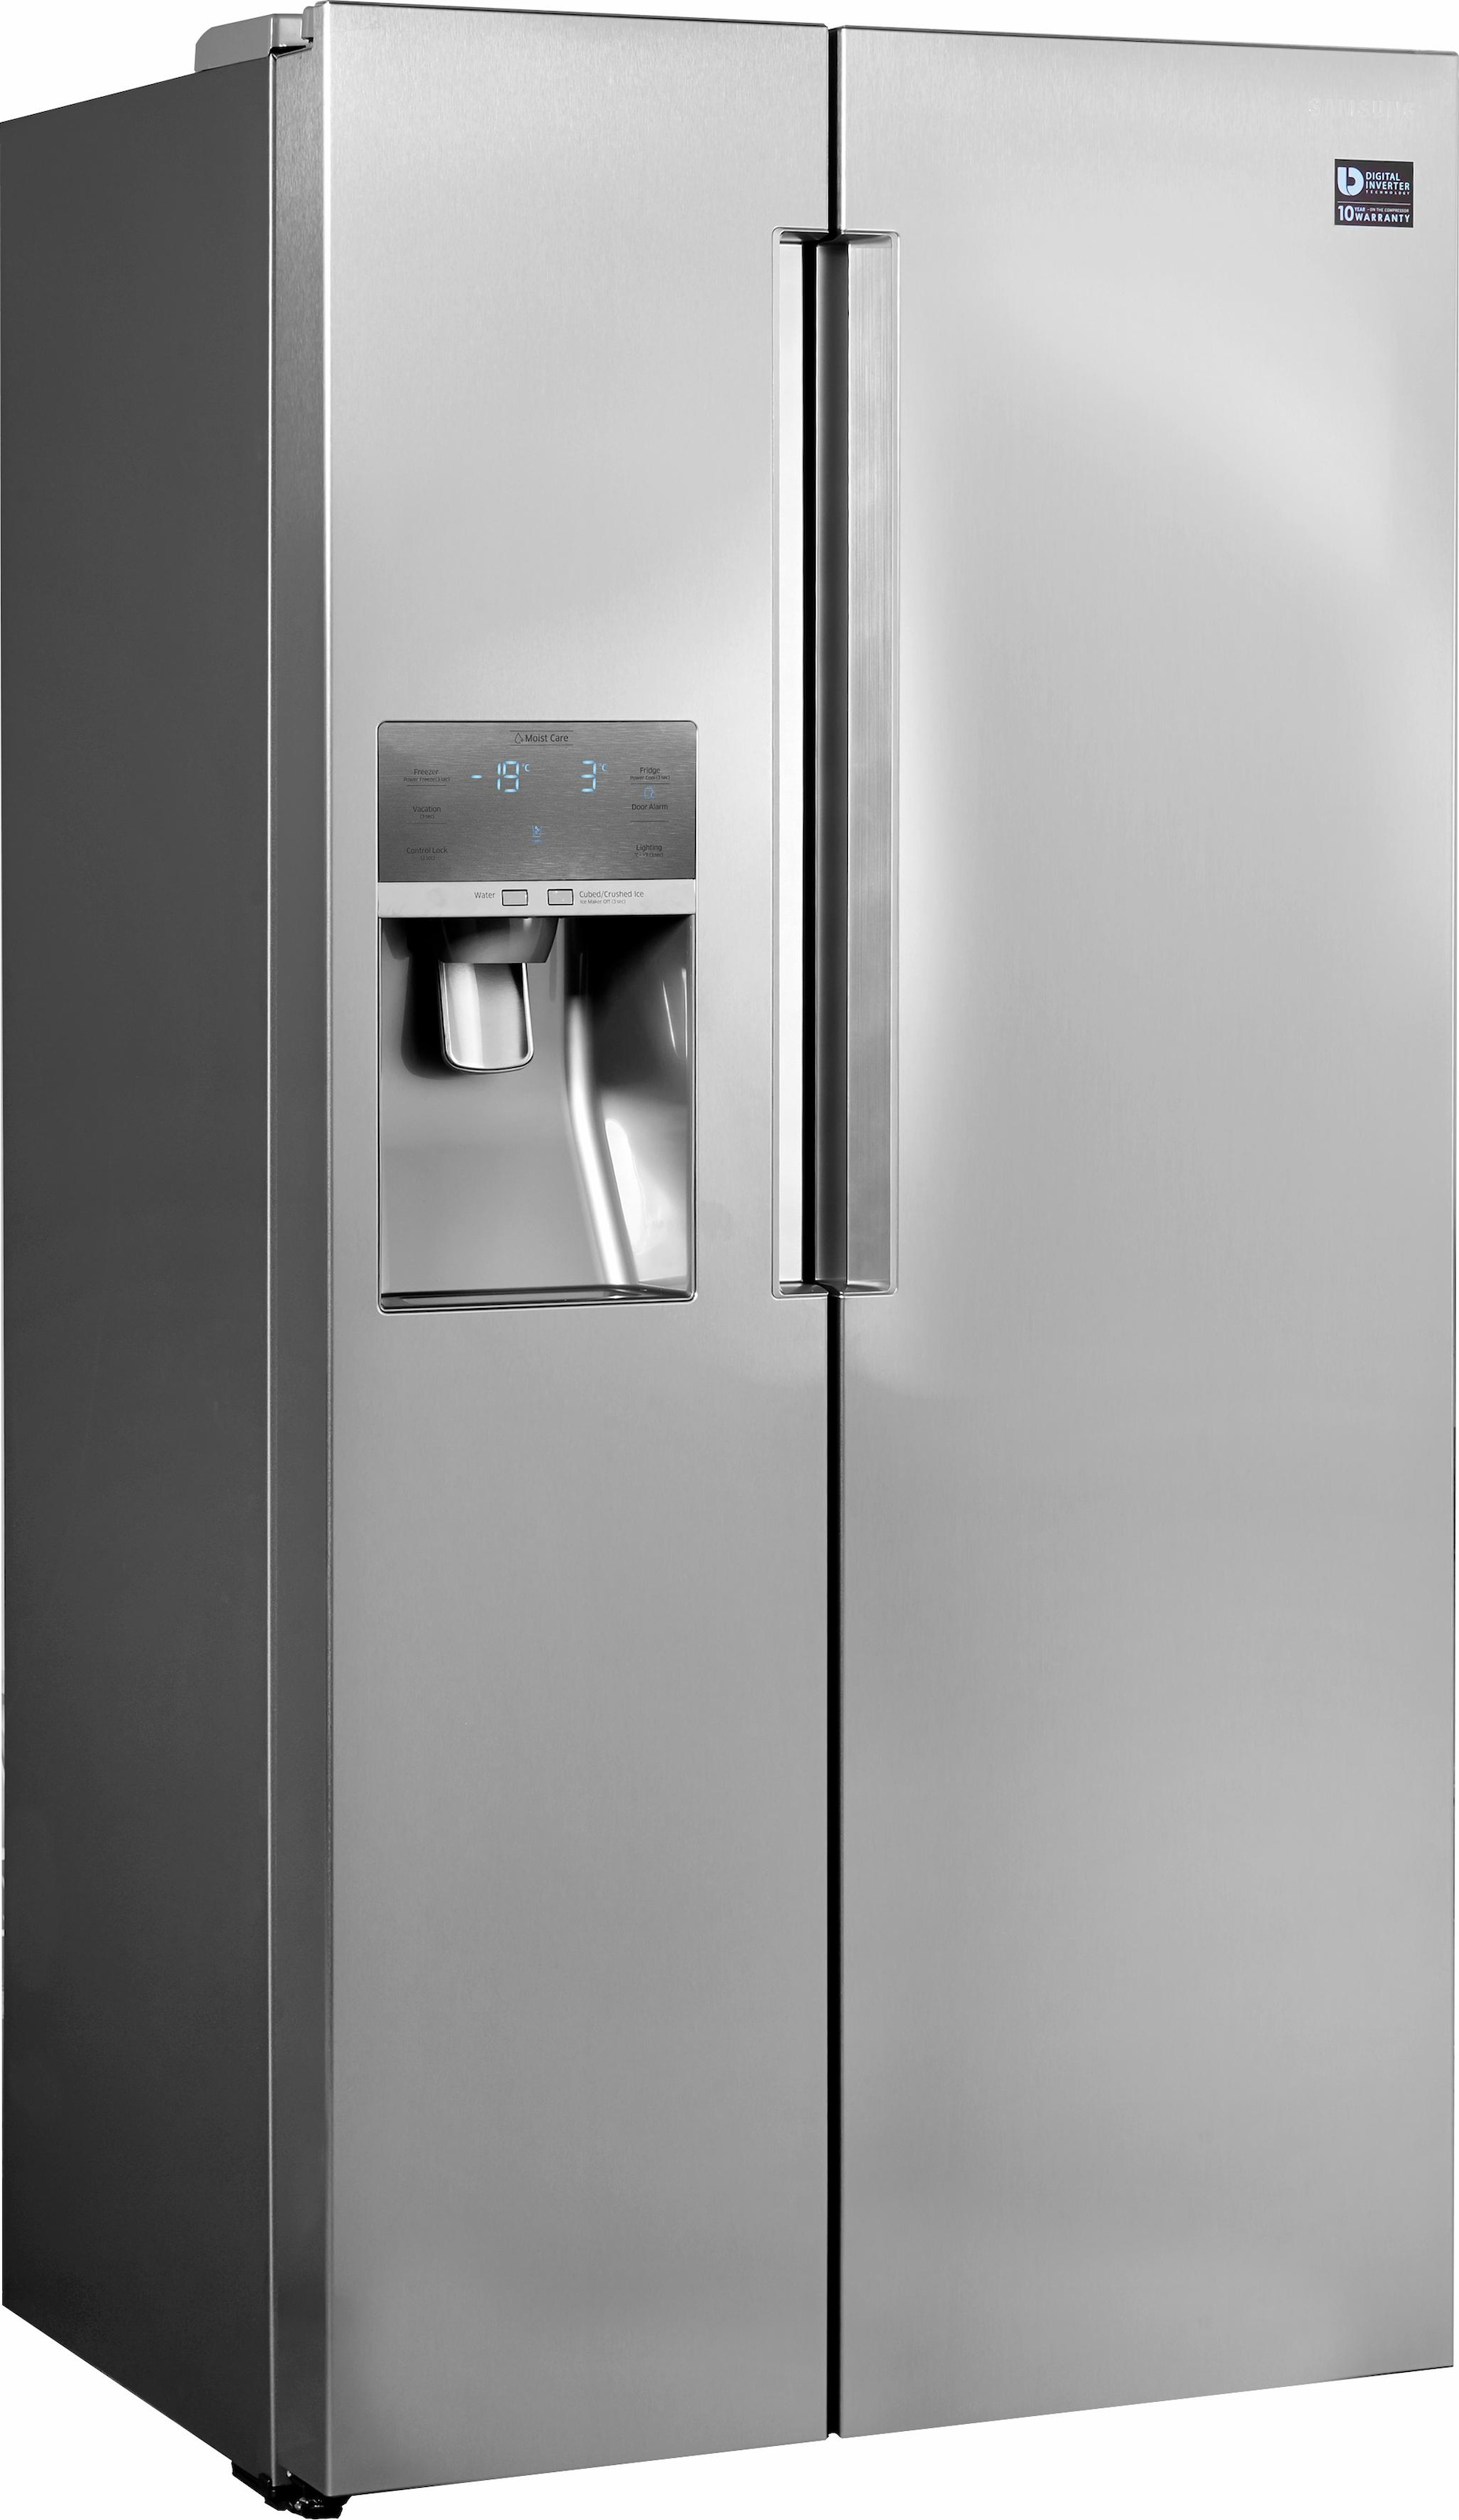 Amerikanischer Kühlschrank 90 Cm Breit : Side by side kühlschrank auf rechnung raten kaufen